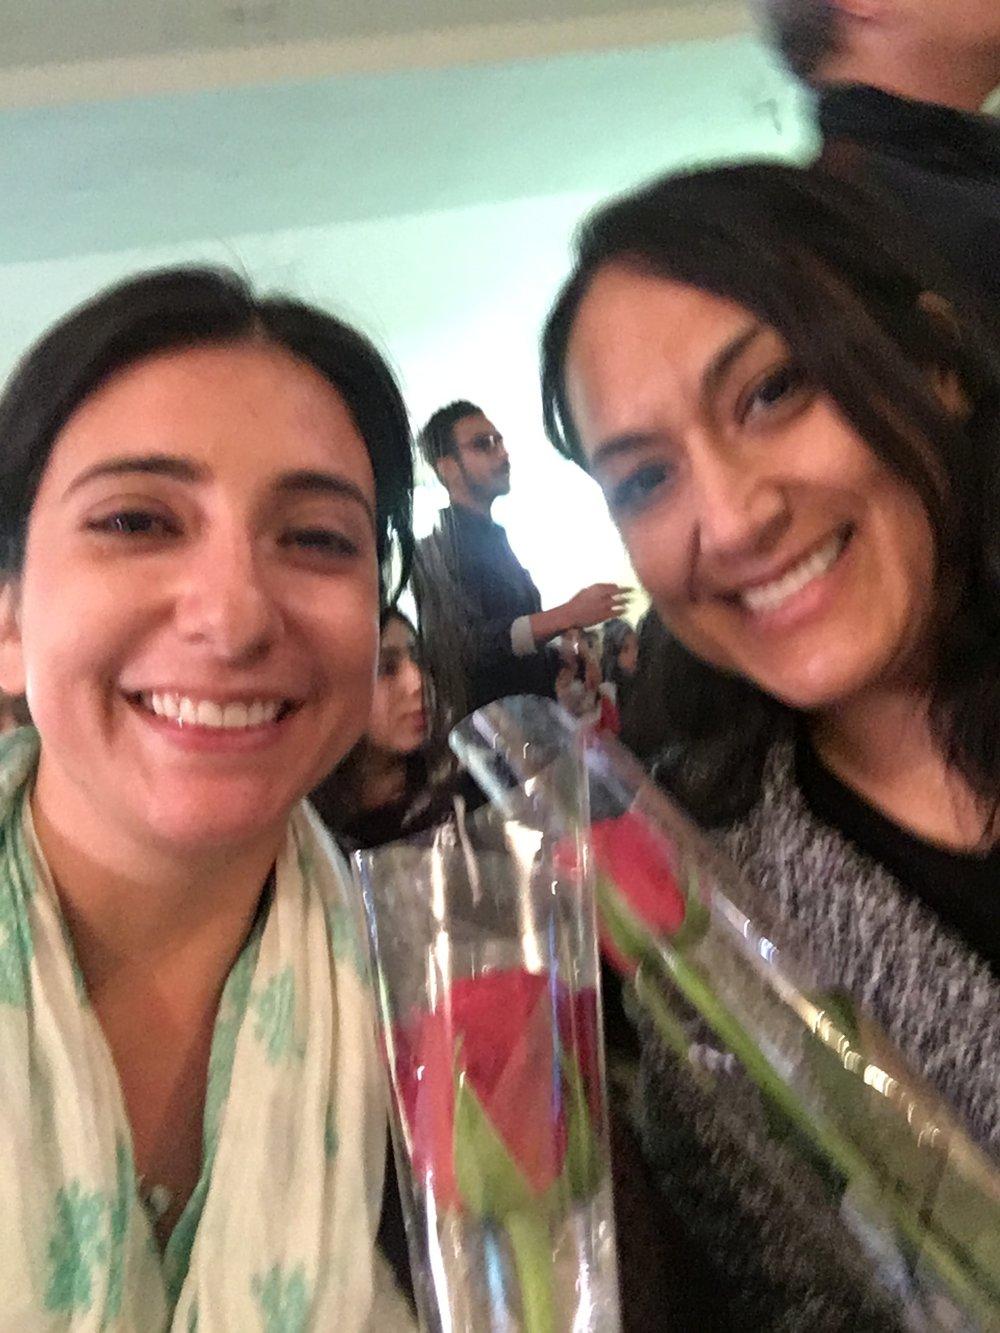 Maria and I felt so special at the cultural event at Tighnari High School.